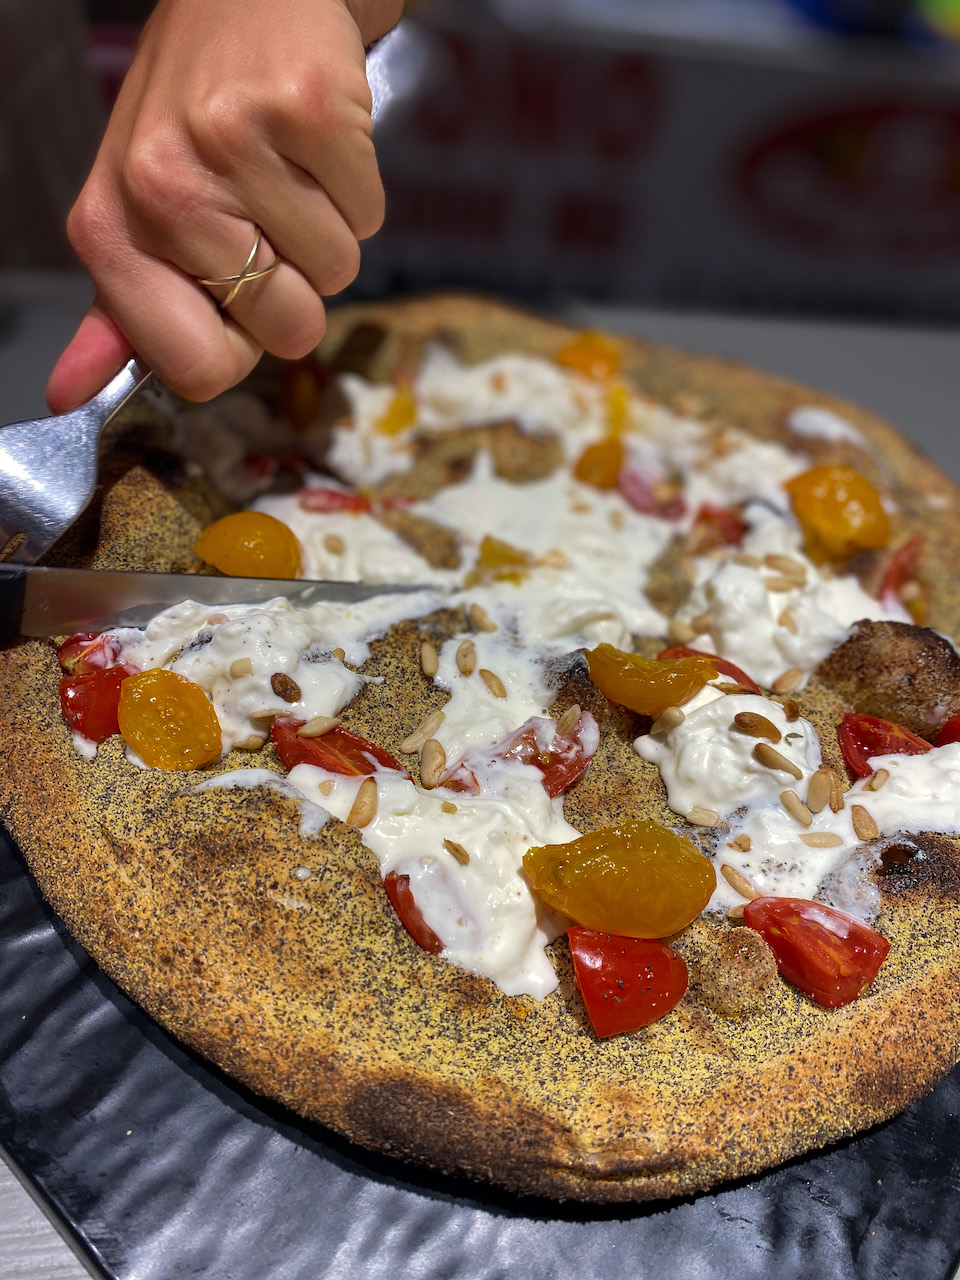 Beste pizza van de wereld winnende pizza van 2019 genaamd Rofumi Liguri